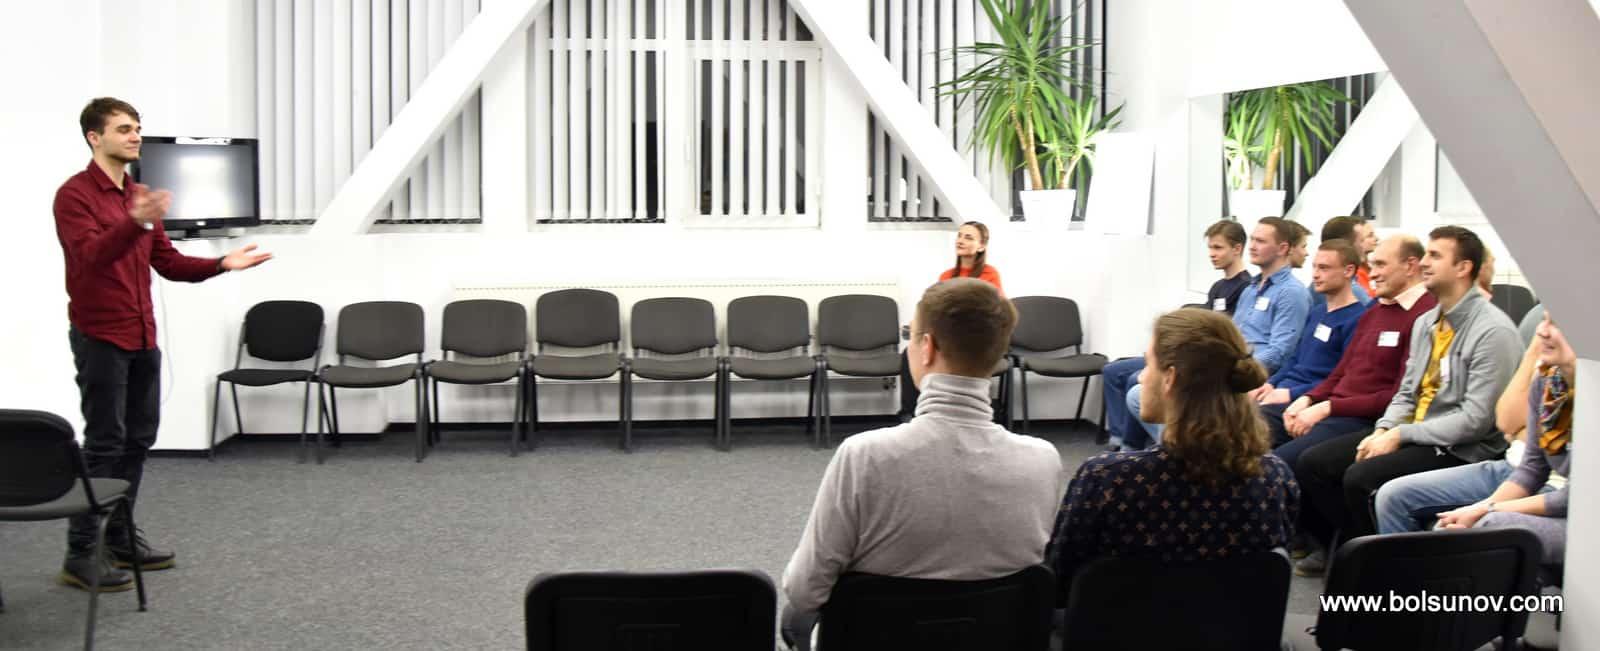 На что похоже обучение ораторскому искусству